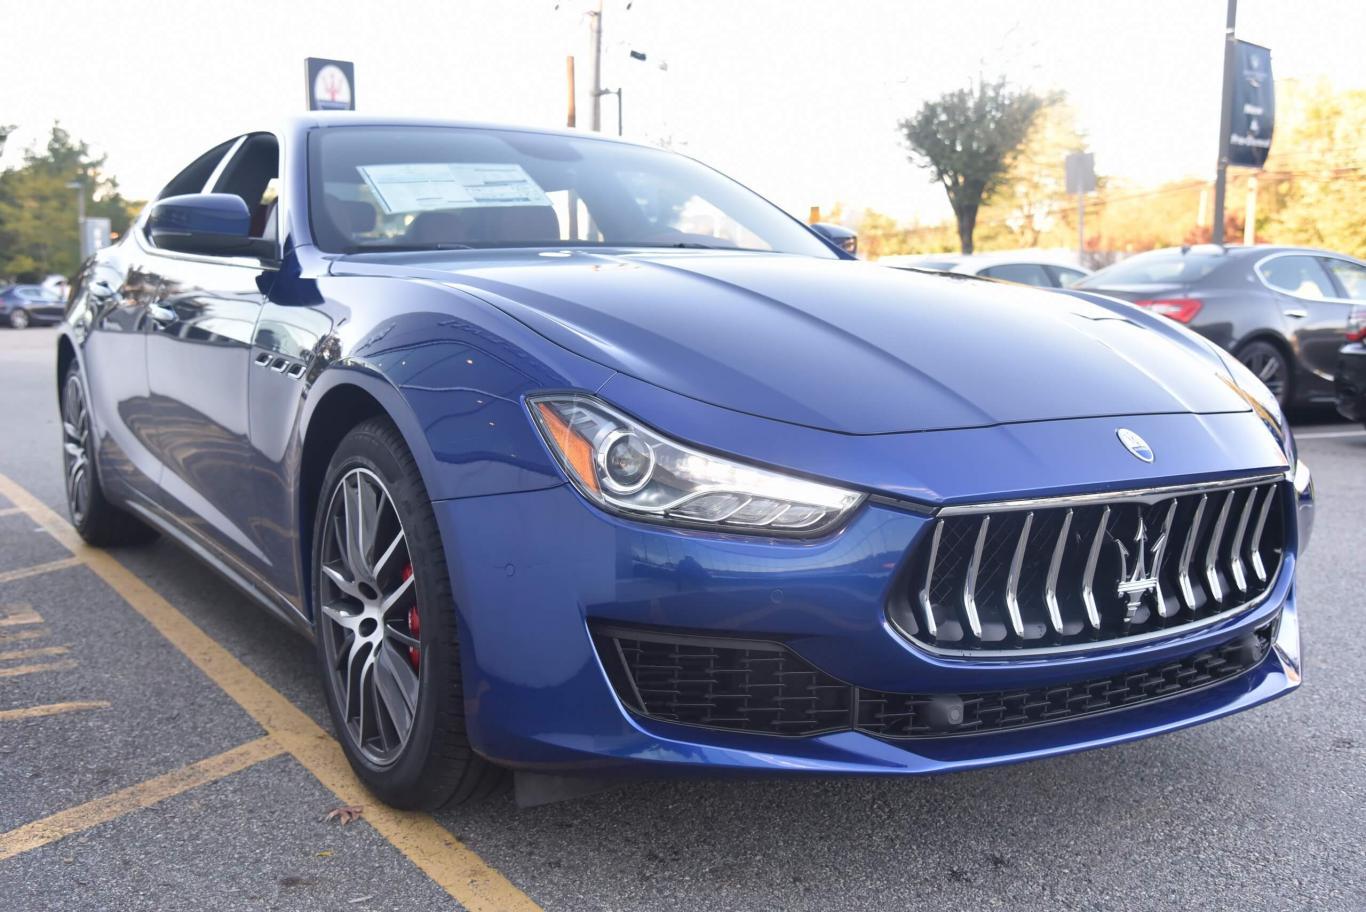 Maserati Ghibli S Q4 >> Maserati Ghibli S Q4 Awd